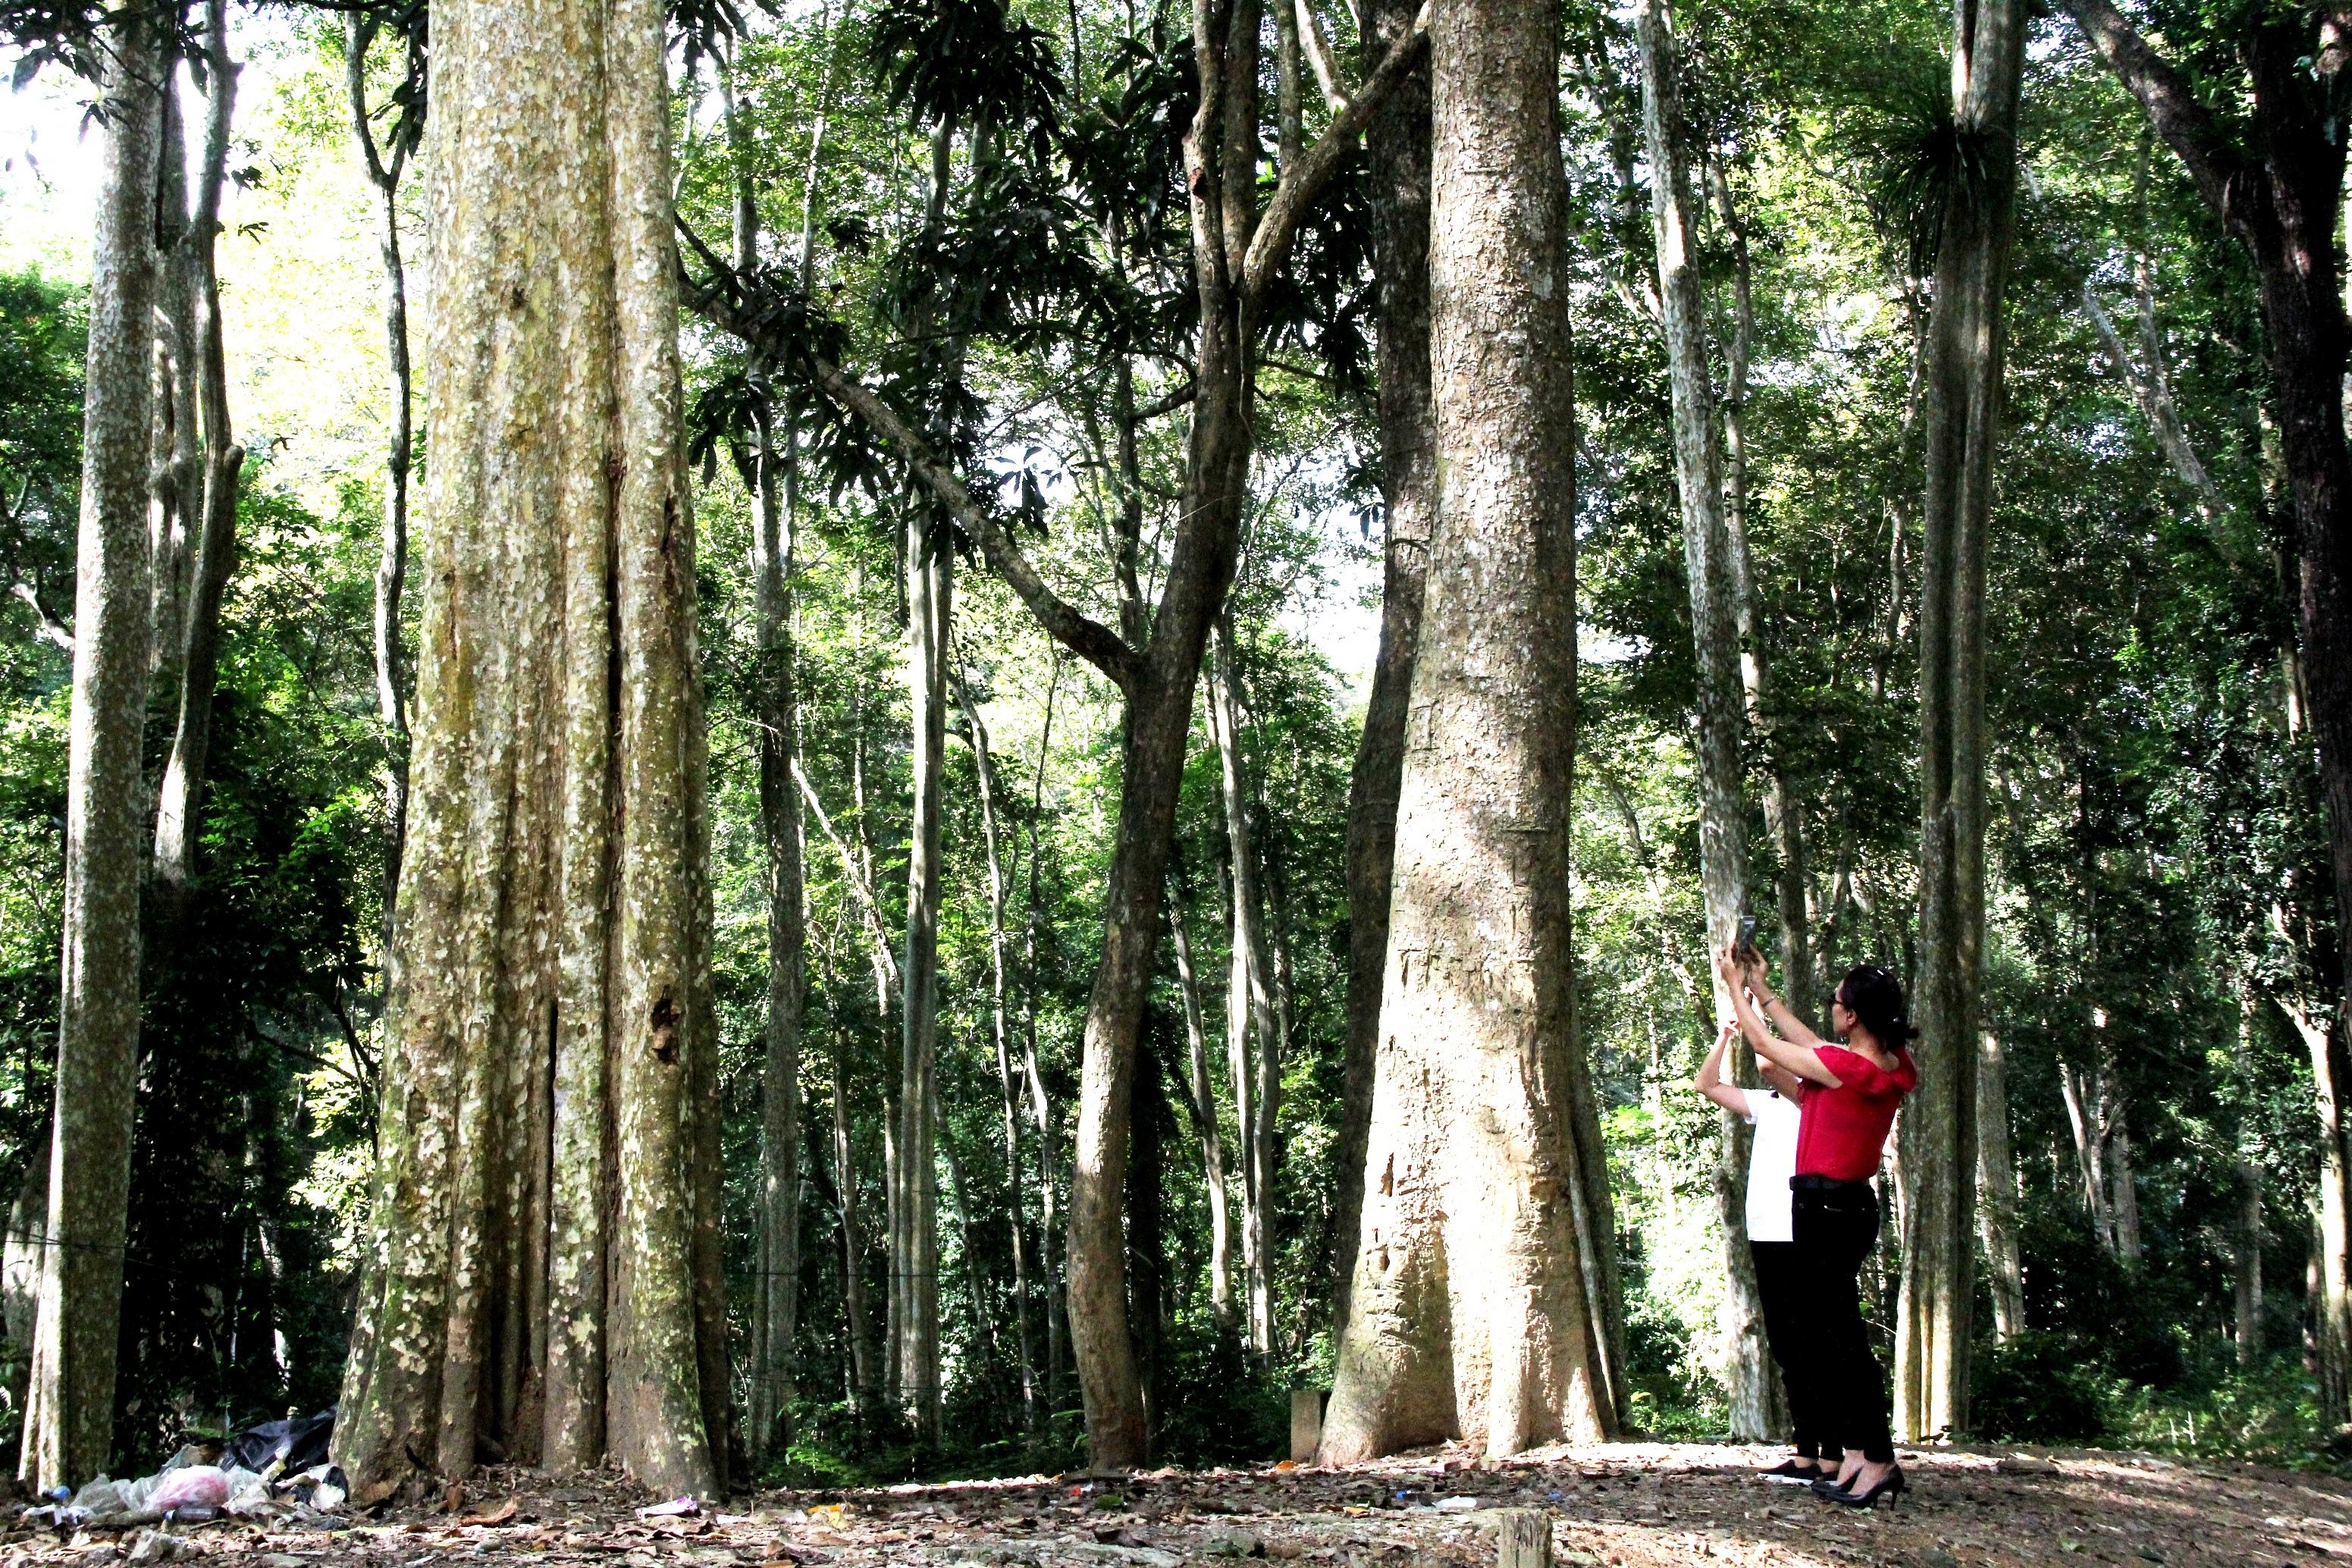 Khu rừng là điểm chek in lí tưởng của du khách